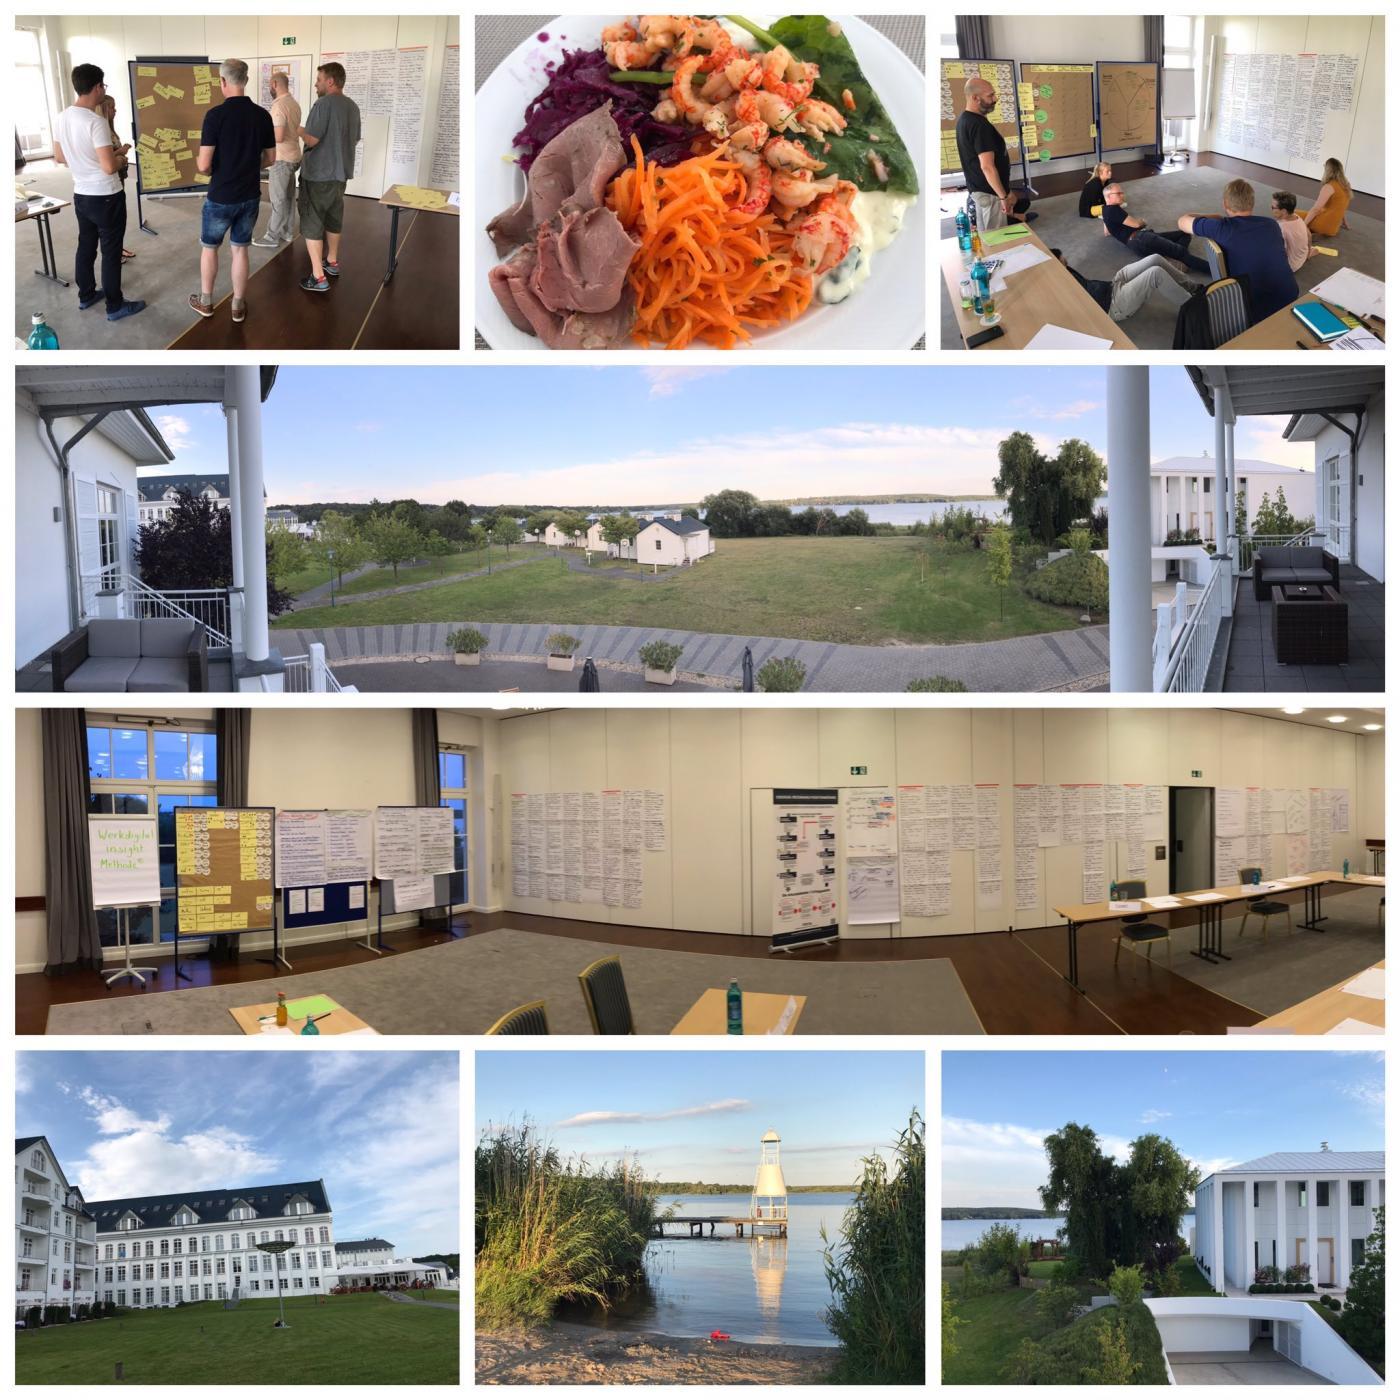 Arbeiten, wo andere Urlaub machen: mitten in 3 Tage WS am Schwielowsee bei Potsdam